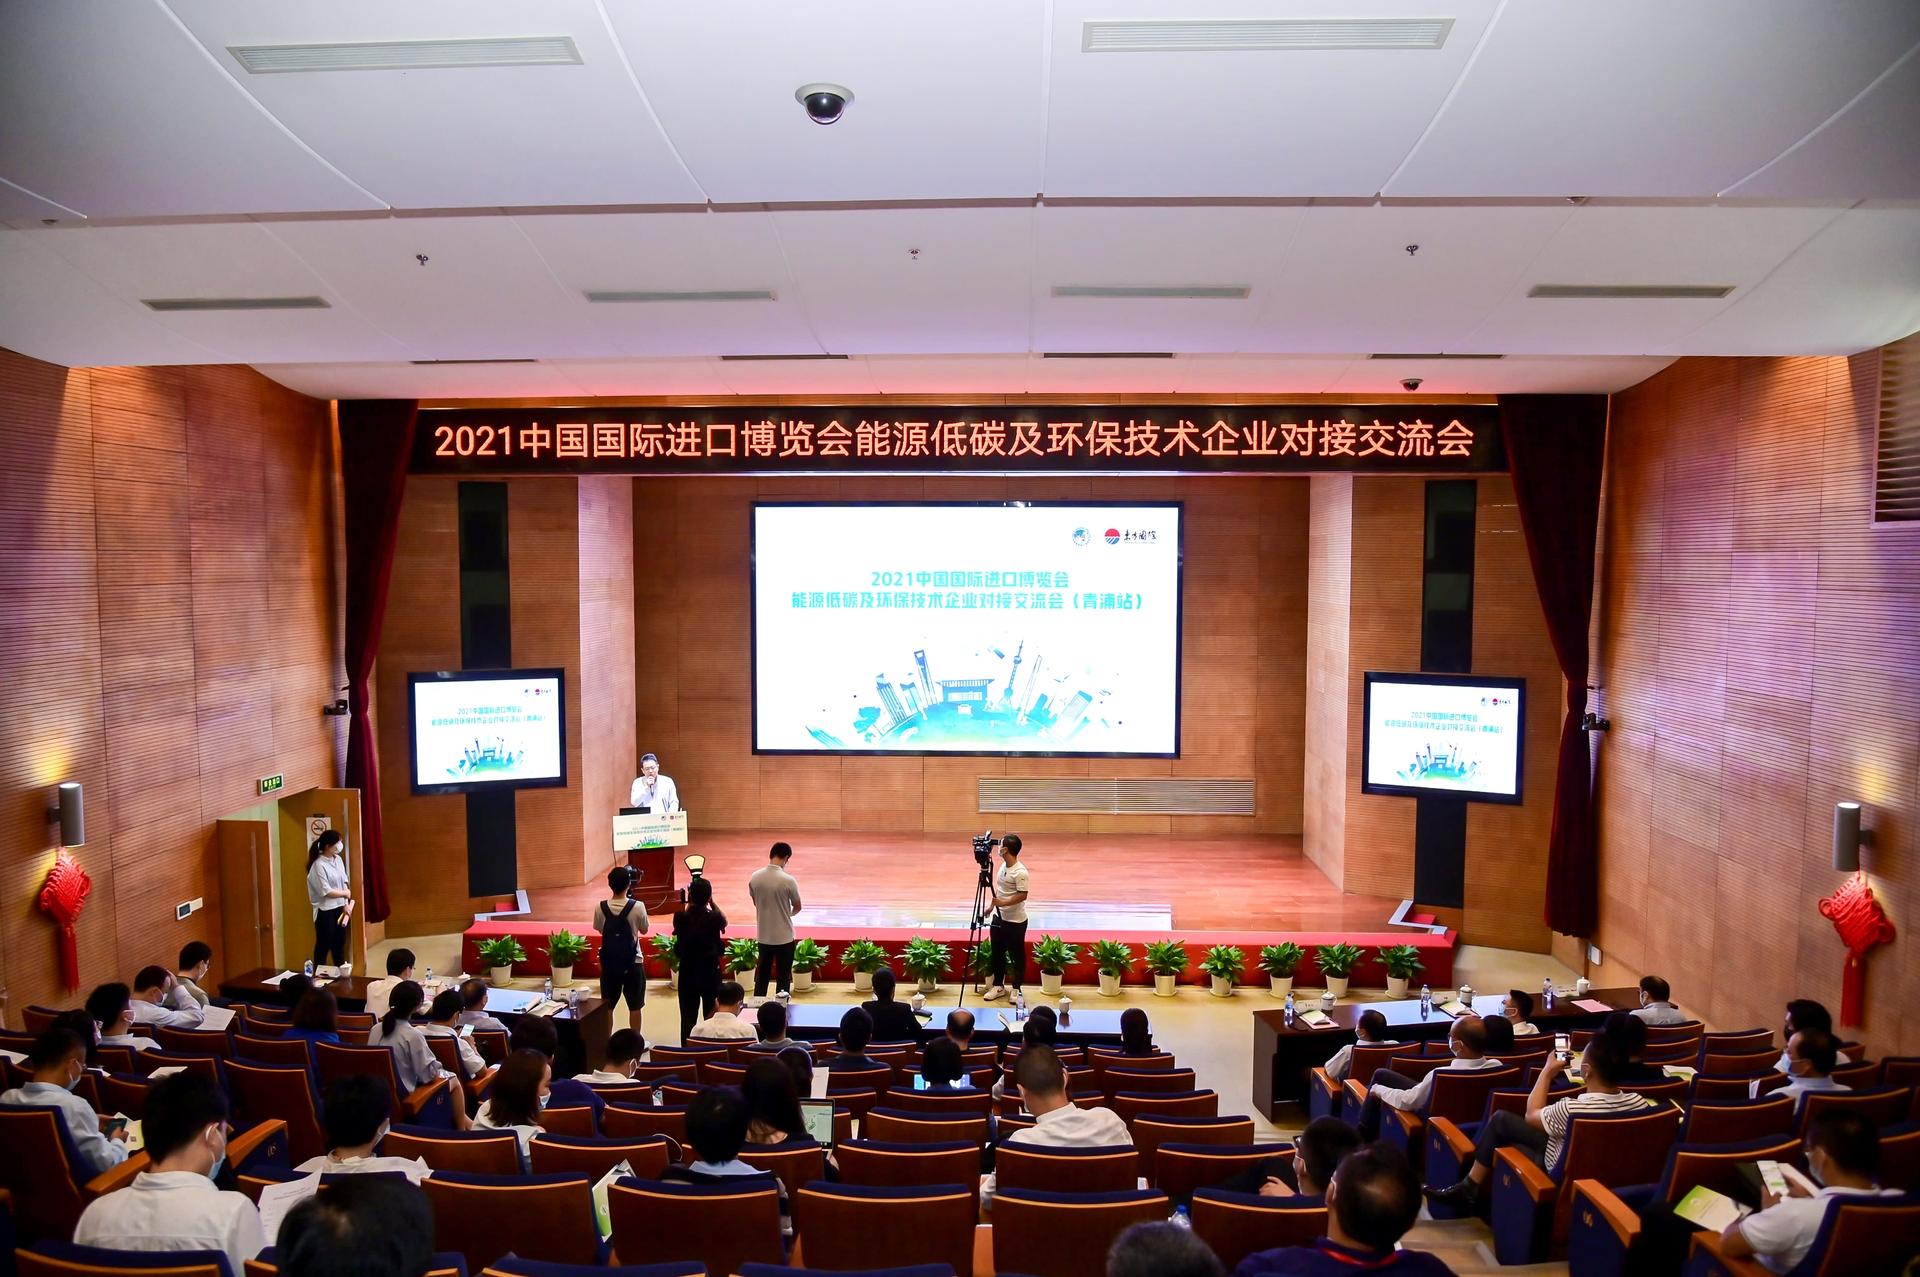 2021中国国际进口博览会能源低碳及环保技术企业对接交流会(青浦站)成功举办